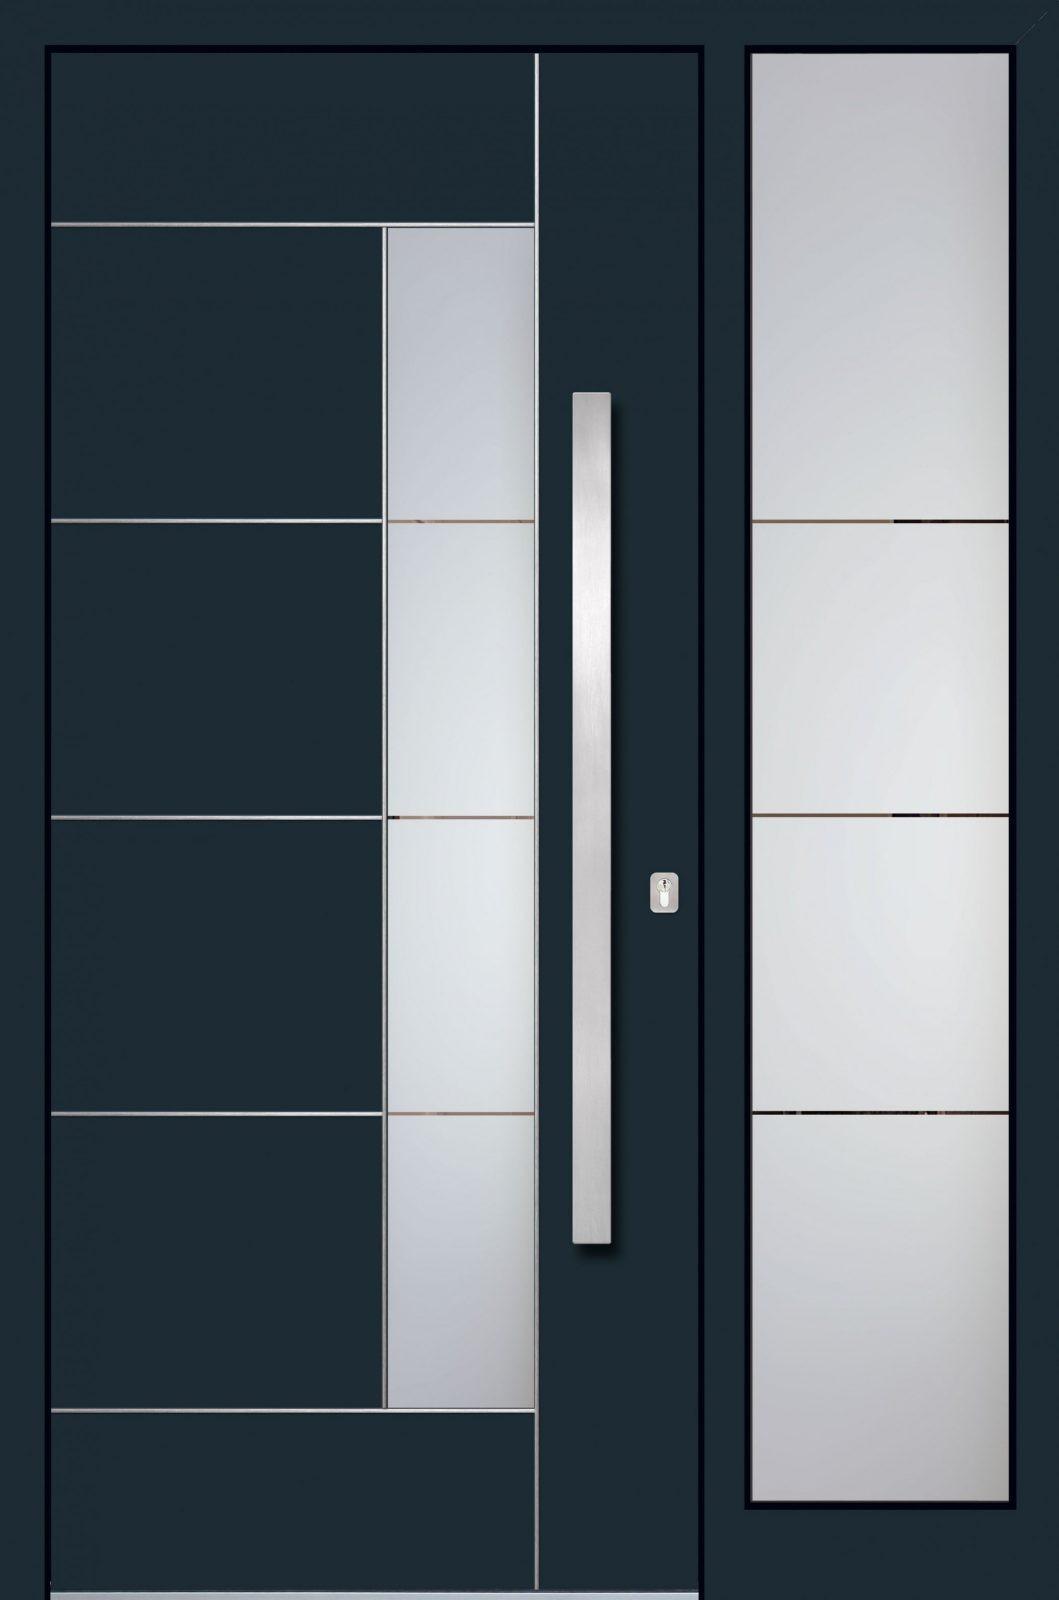 Alu Haustüren Schüco Mit Seitenteil  Haustüren Aluminium Modern von Km Meeth Zaun Gmbh Haustüren Photo